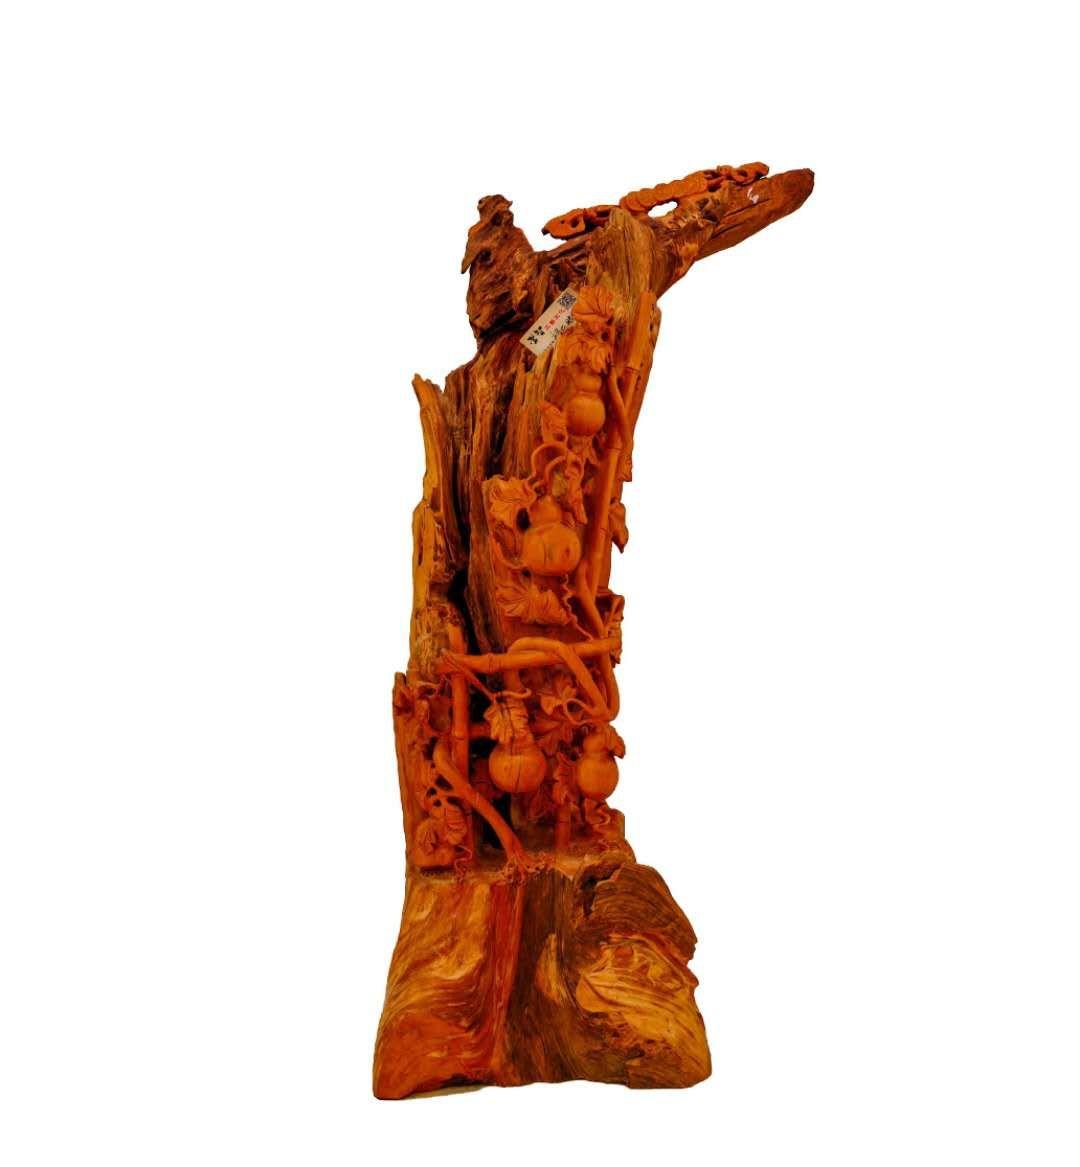 根雕工艺品制作的流程是什么